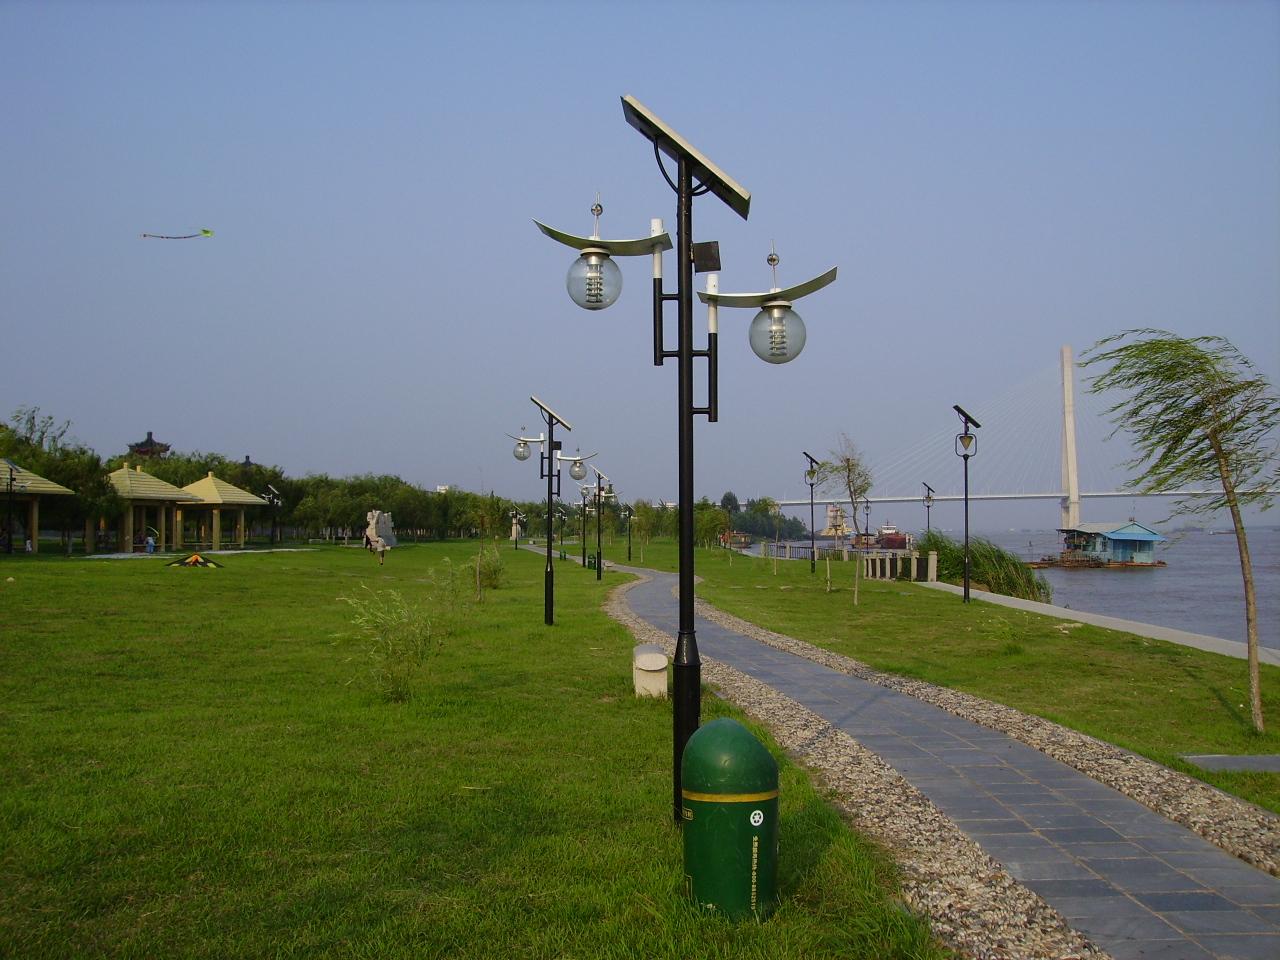 宁夏中卫太阳能路灯专业生产厂家-汉能光电科技有限公司,本公司通过对 宁夏中卫等地的走访,调查,结合当地的实际情况和客户的使用要求,为客户免费设计最合理最科学的配置方案,我们拥有专业的先进的生产设备和管理制度竭力为 宁夏中卫的广大客户提供高端优质的太阳能路灯等产品。 每个 宁夏中卫太阳能路灯都是个相对独立的系统,在安装施工时不用预埋电缆,也不用开挖路面,这就节省了相当一部分人力物力和安装费用,还防止了电线老化带来的安全隐患,尤其受到电力相对吃紧、偏远地区,供电施工时间长的地区都比较适用 太阳能路灯全套价格多